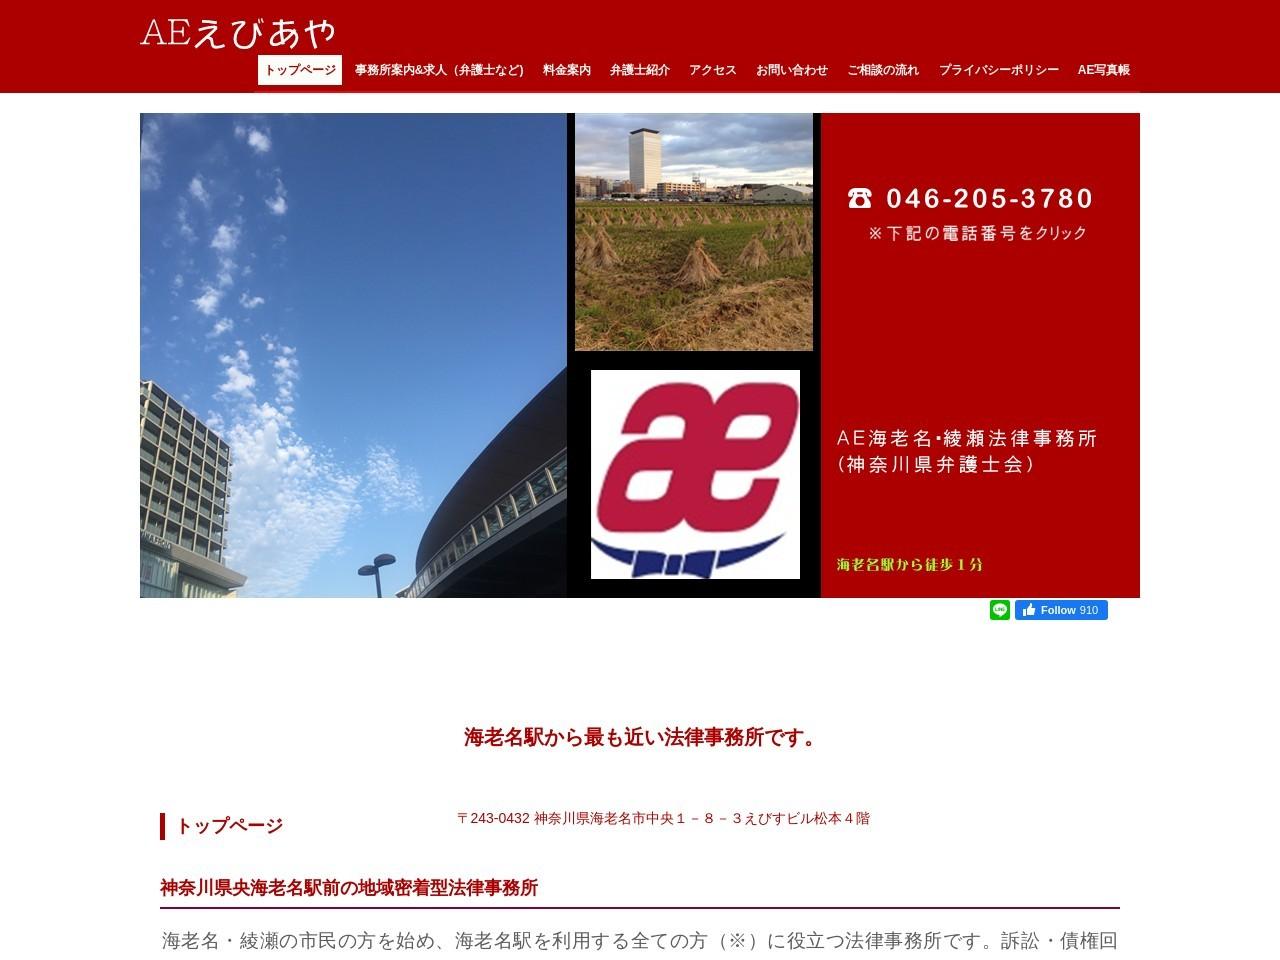 AE海老名・綾瀬法律事務所